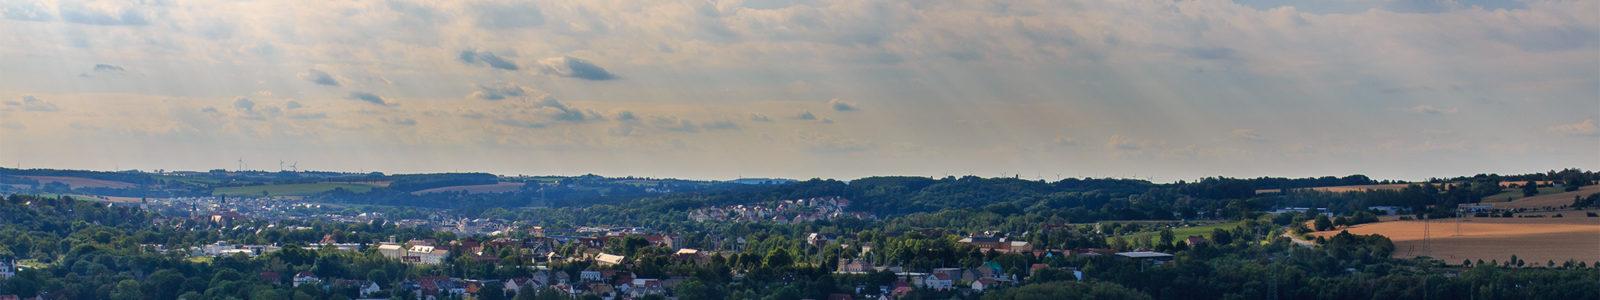 Slider Ausblick auf die Stadt Döbeln